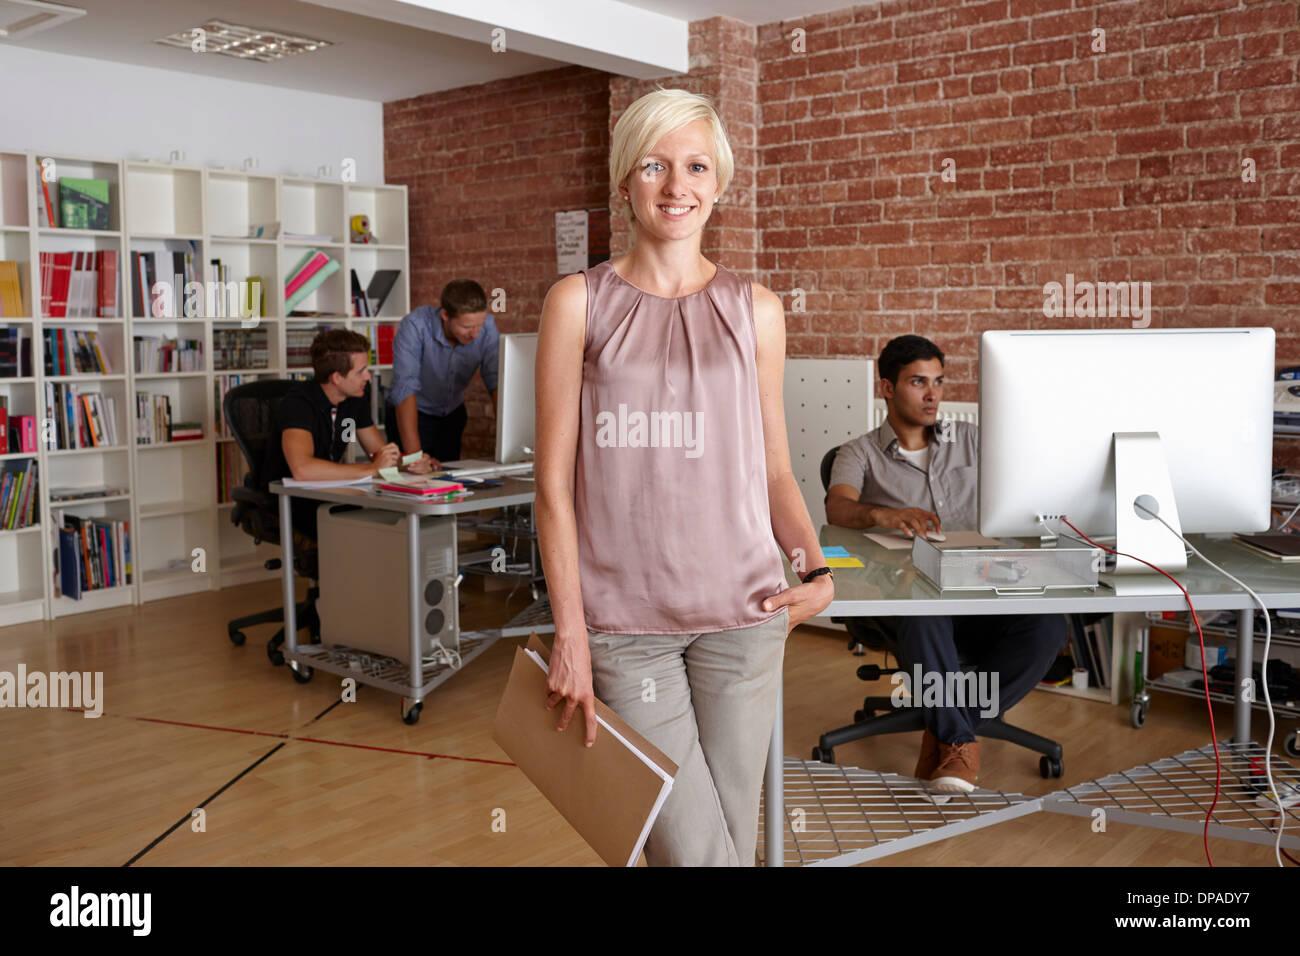 Porträt von Mitte erwachsenen Frau in Kreativbüro Stockbild